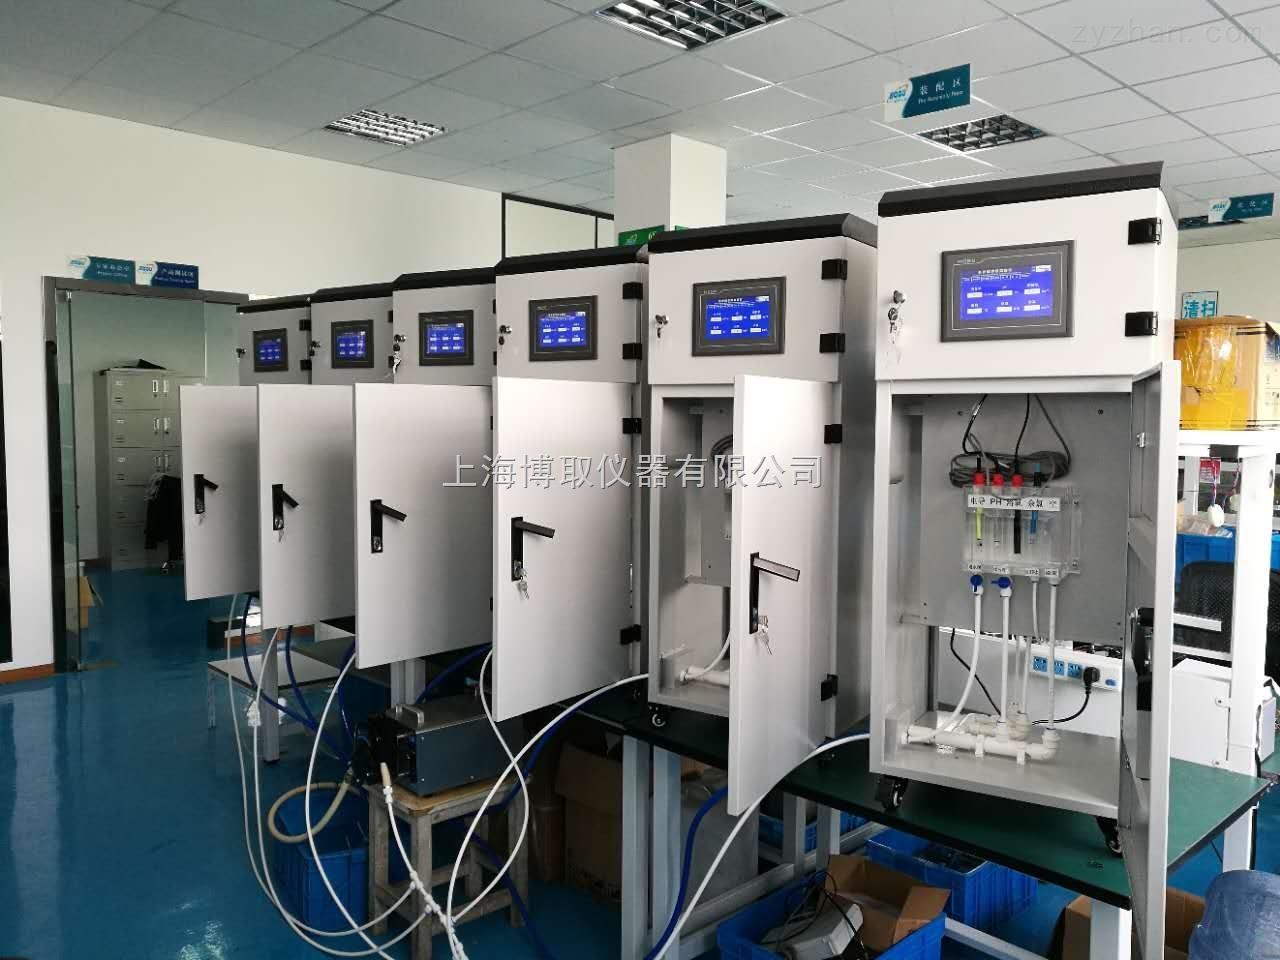 水库,水利局泵站房安装常规五参数监测仪,多参数在线分析仪